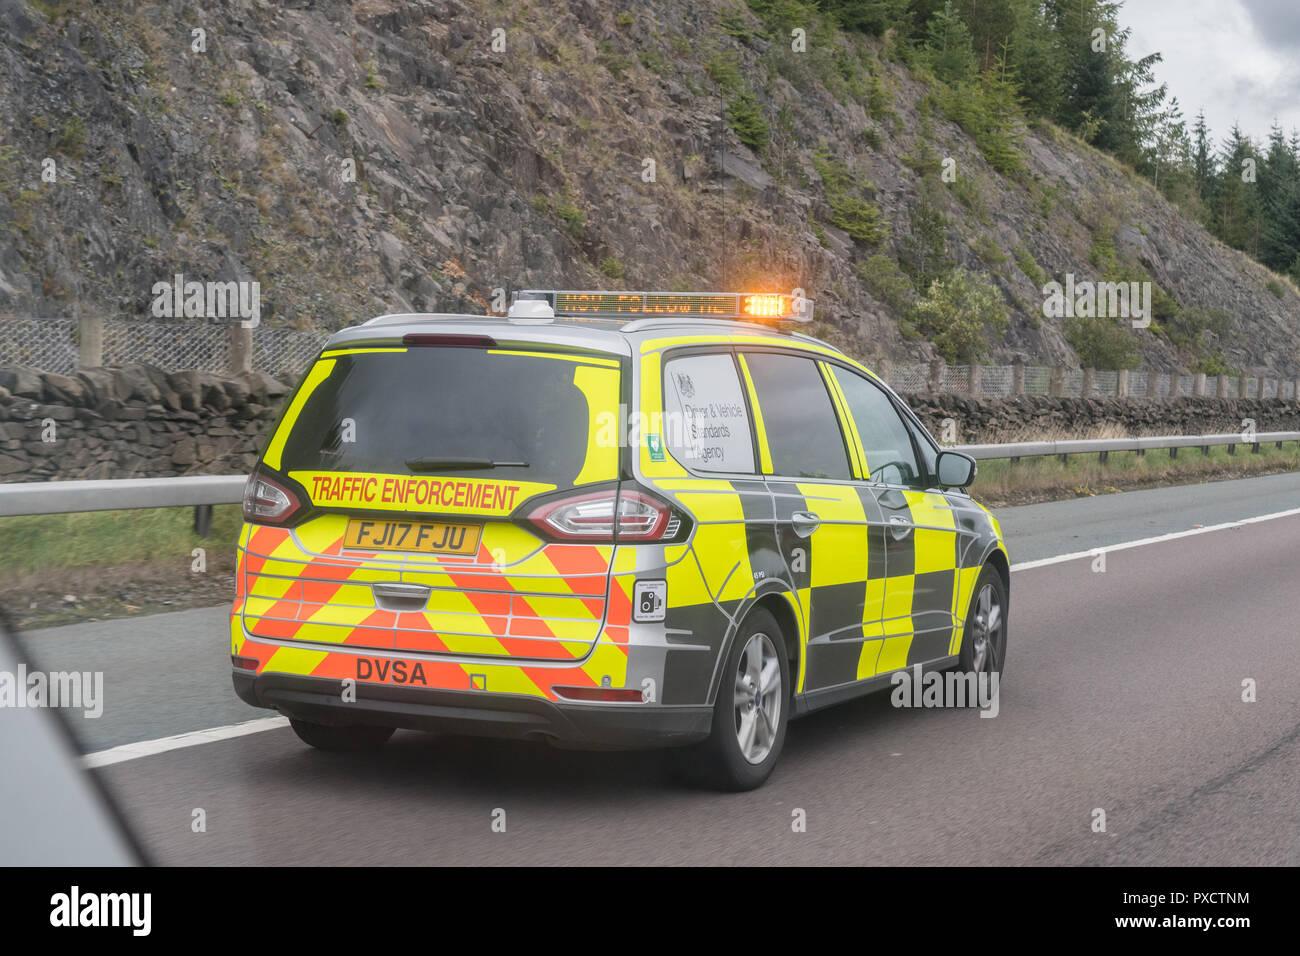 L'application du code de véhicule sur A74(M) par Beattock Check Site de demander à un chauffeur poids-lourd à tirer dessus à l'aide de panneau à message matrice affichée sur la barre lumineuse Photo Stock